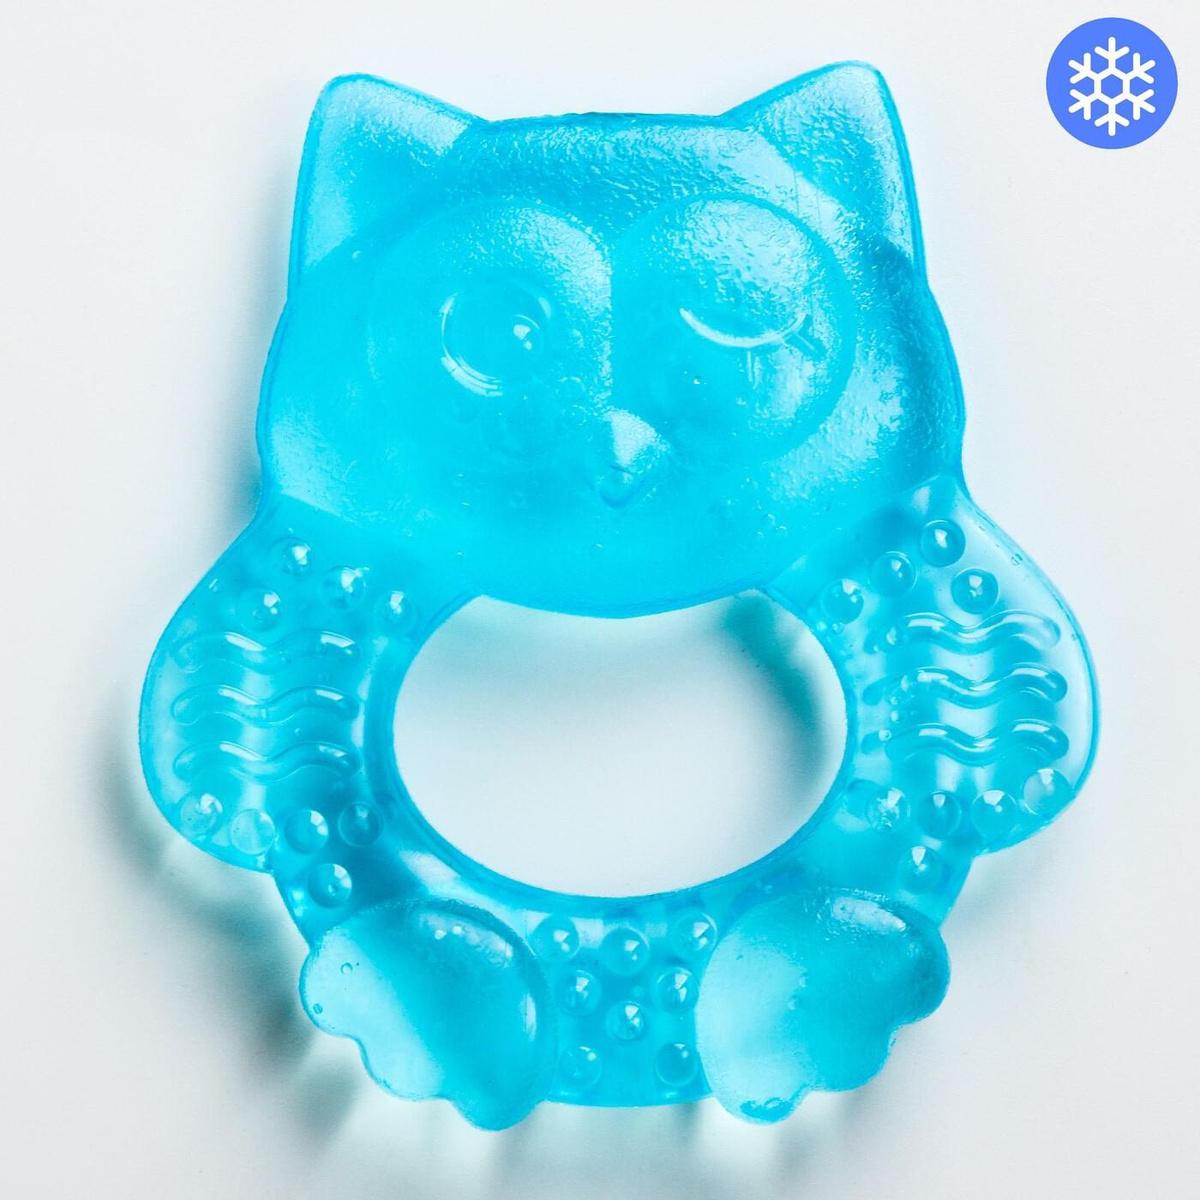 Ukid SHOP / Прорезыватель силиконовый с охлаждающим эффектом, 9х8х1 см  #1